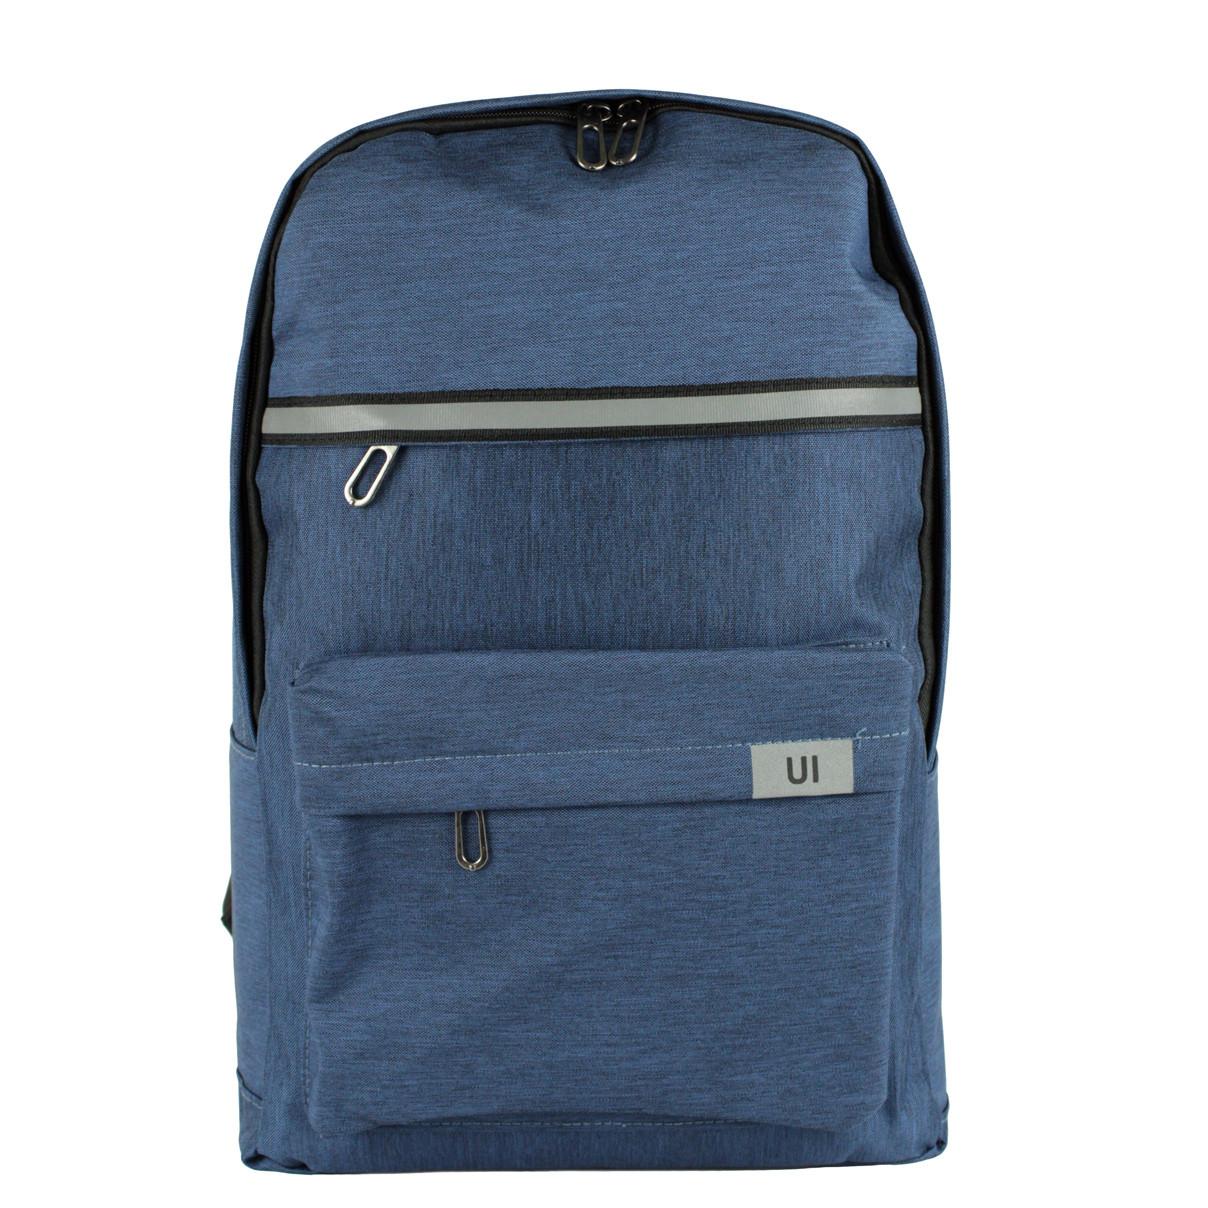 Рюкзак городской UI синий с светоотражателем тканевый